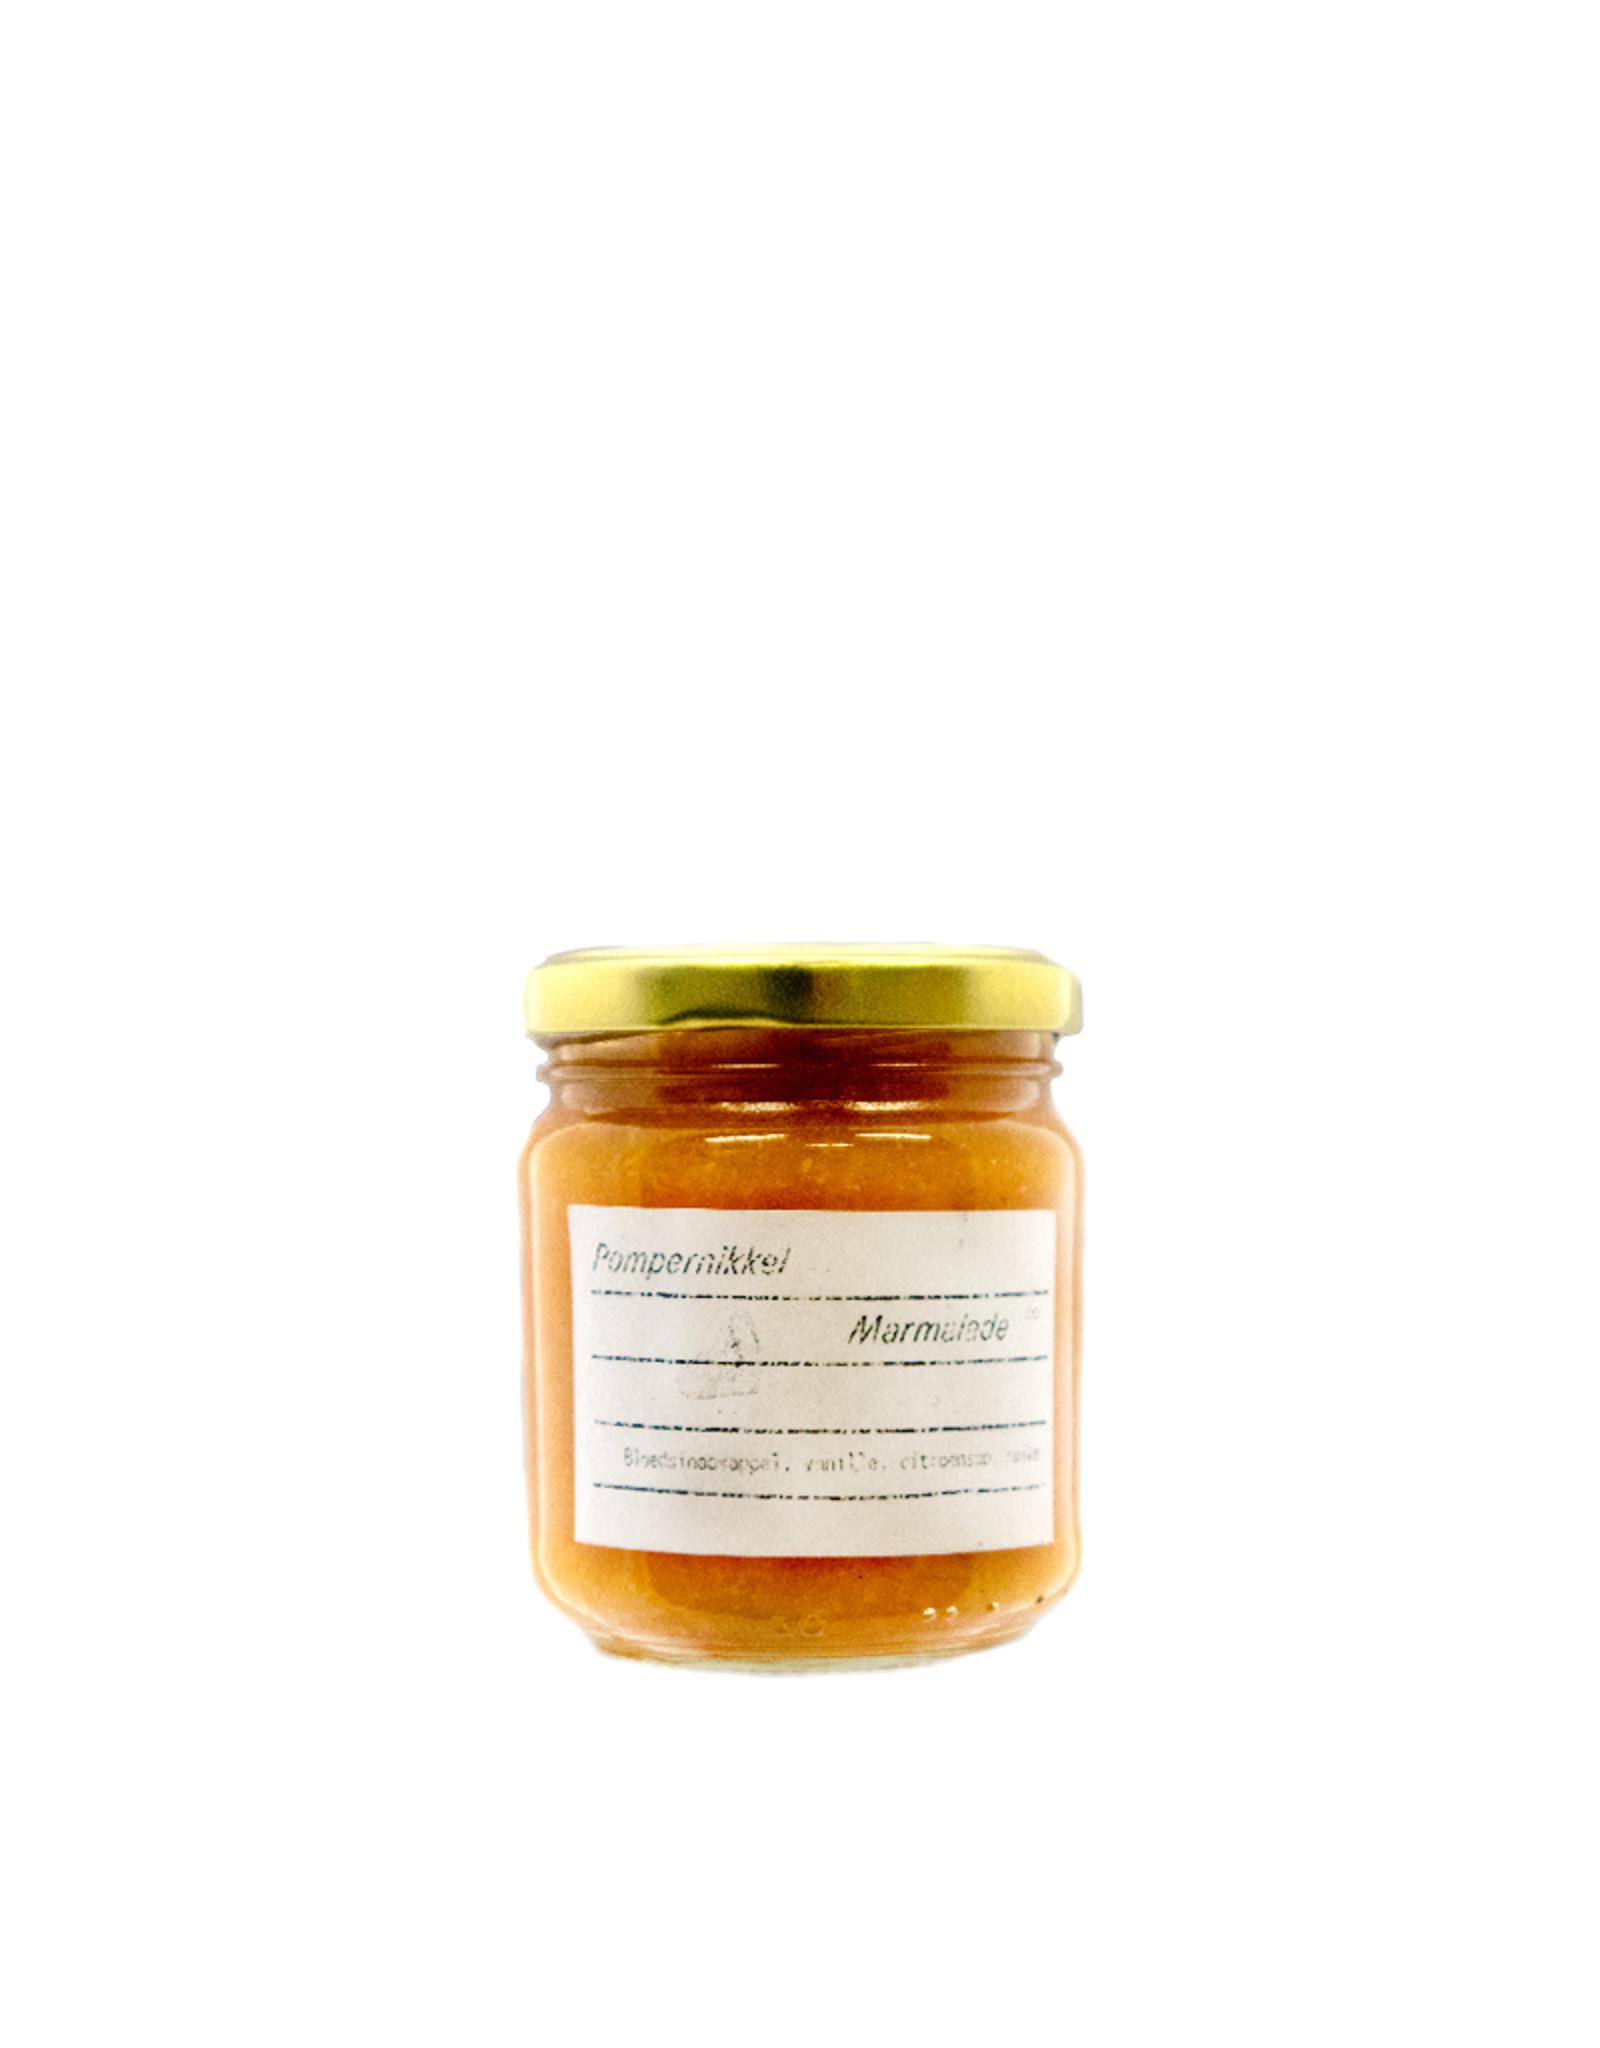 Pompernikkel Pompernikkel - Bloedsinaasappel marmelade